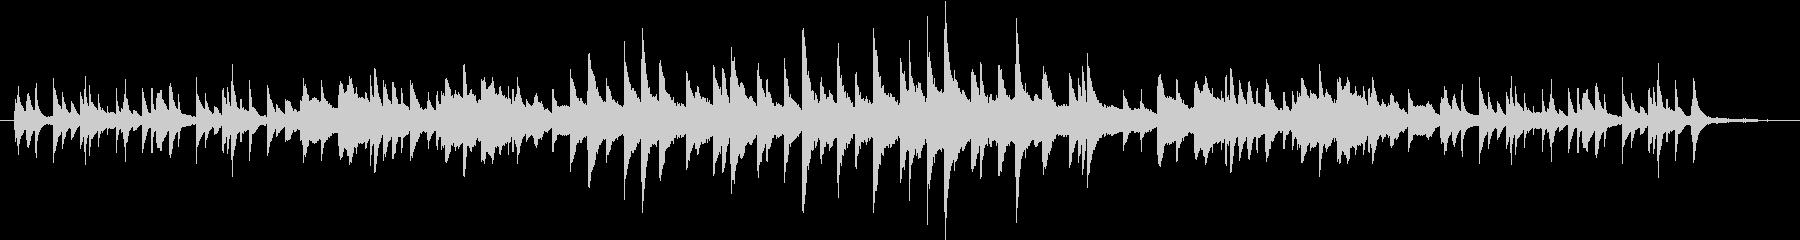 感動的なピアノバラードの未再生の波形